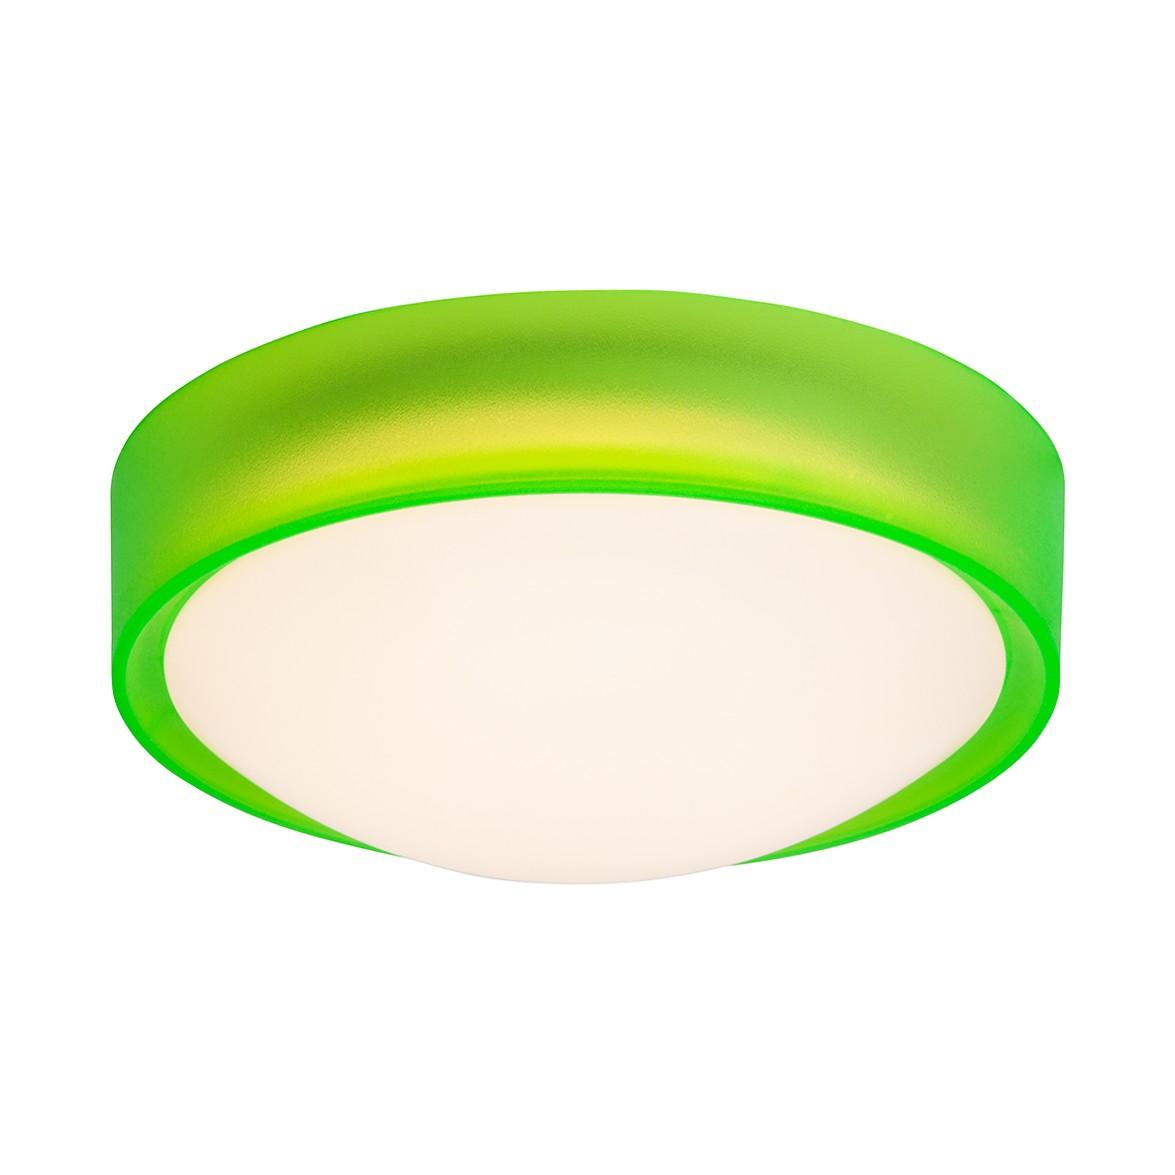 Deckenleuchte Tonia ● Kunststoff ● Grün ● 1-flammig- Brilliant A+